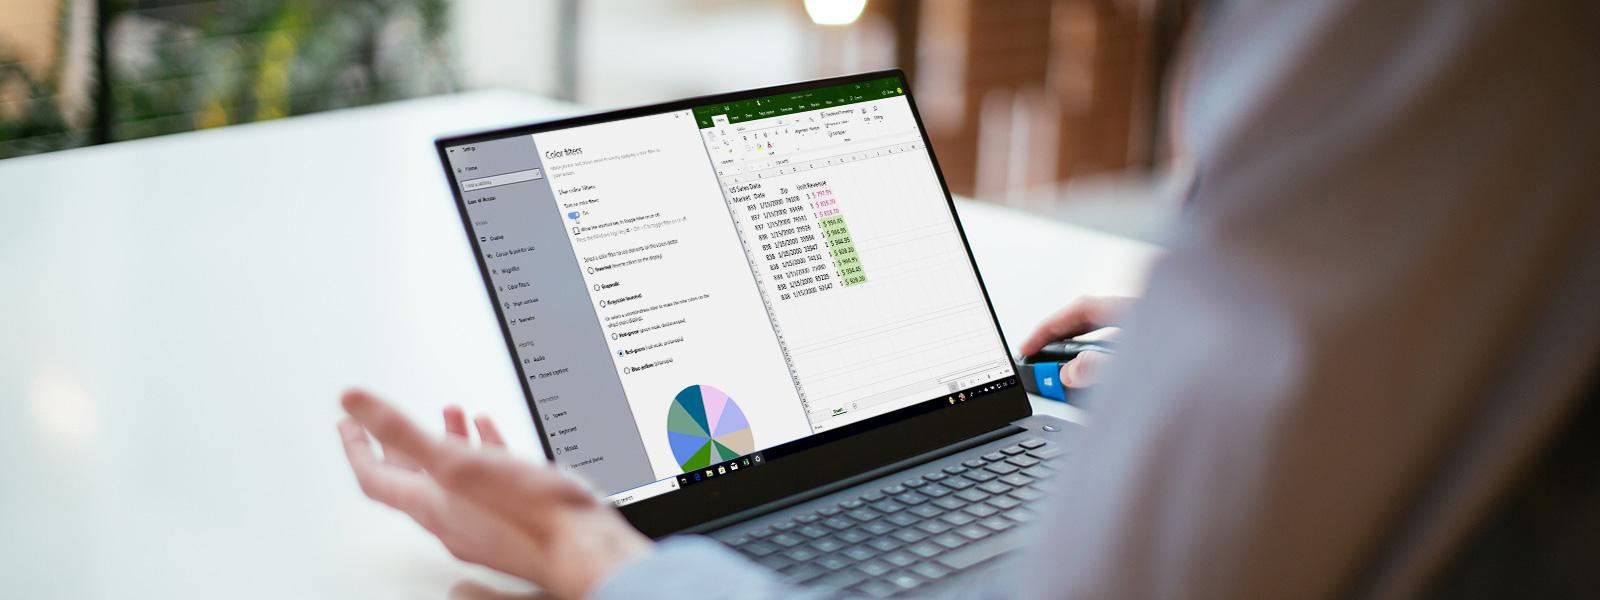 Pessoa usando um laptop com os filtros de cores habilitados no Windows 10